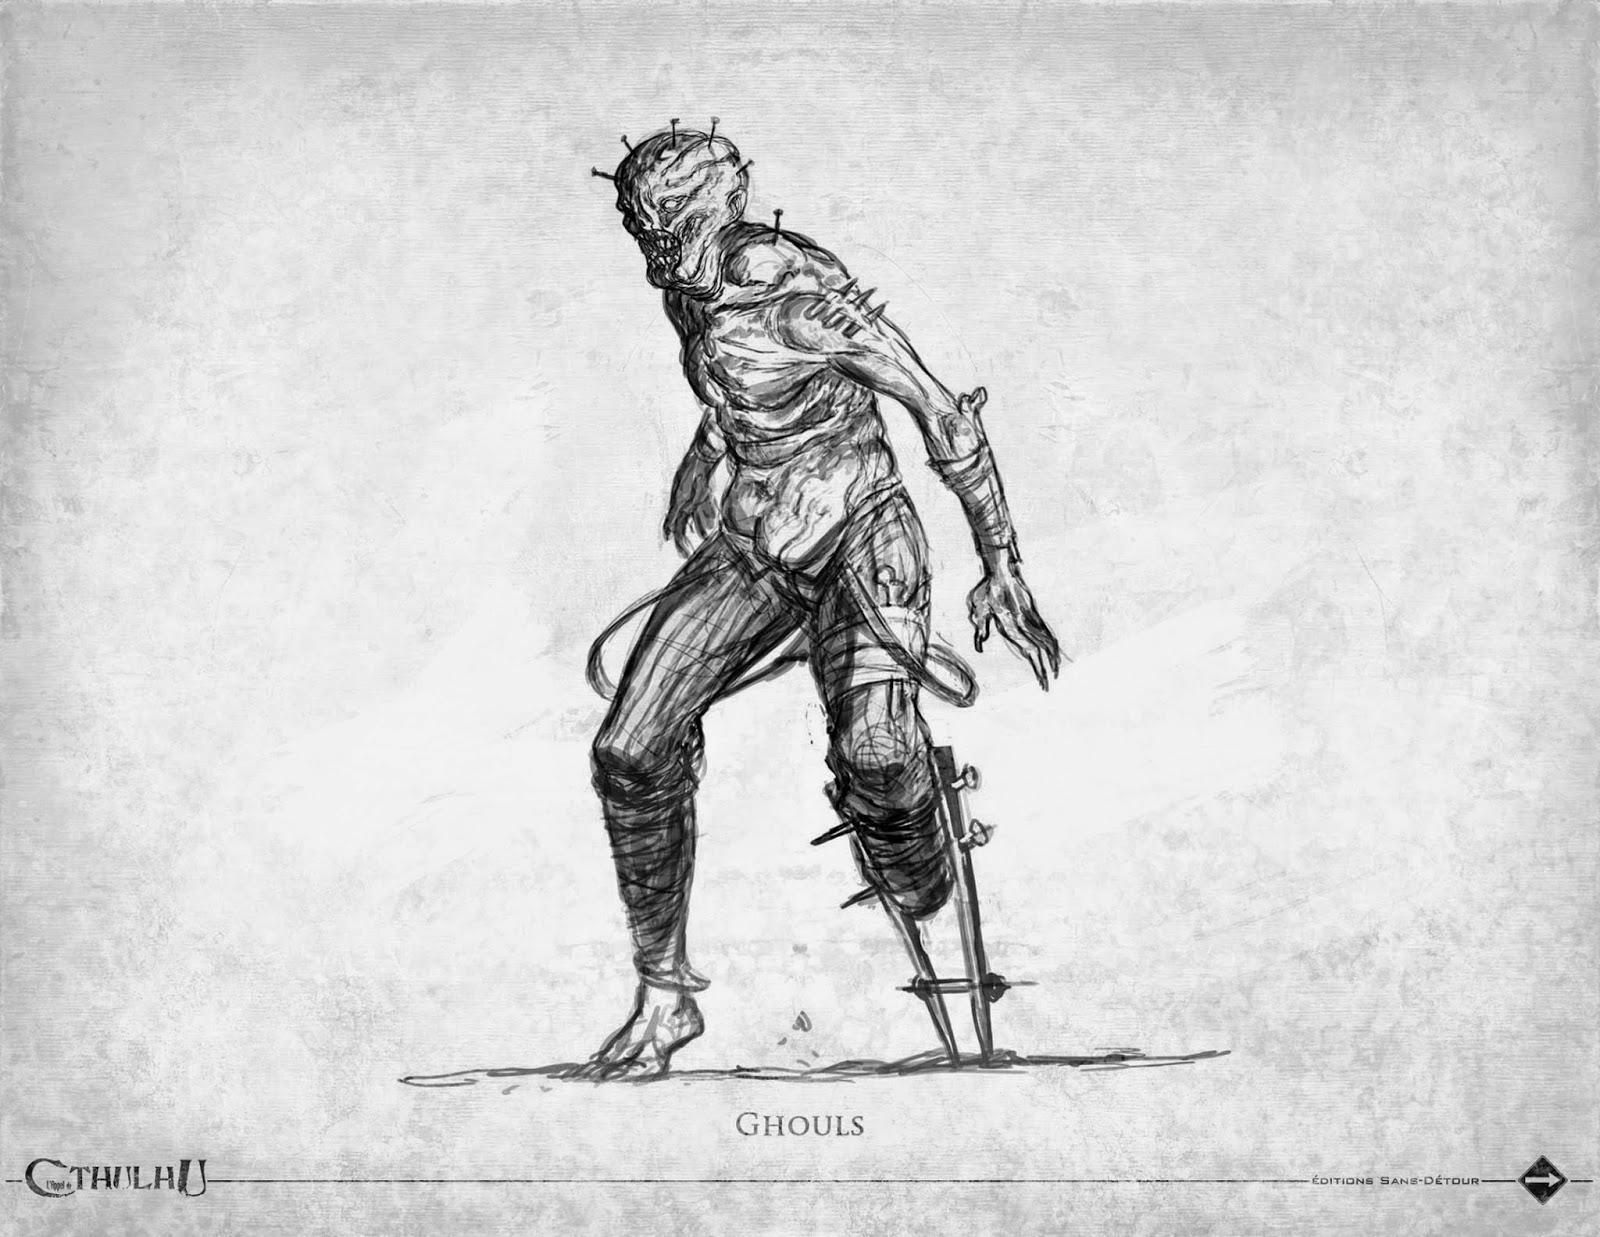 克苏鲁神话生物——食尸鬼